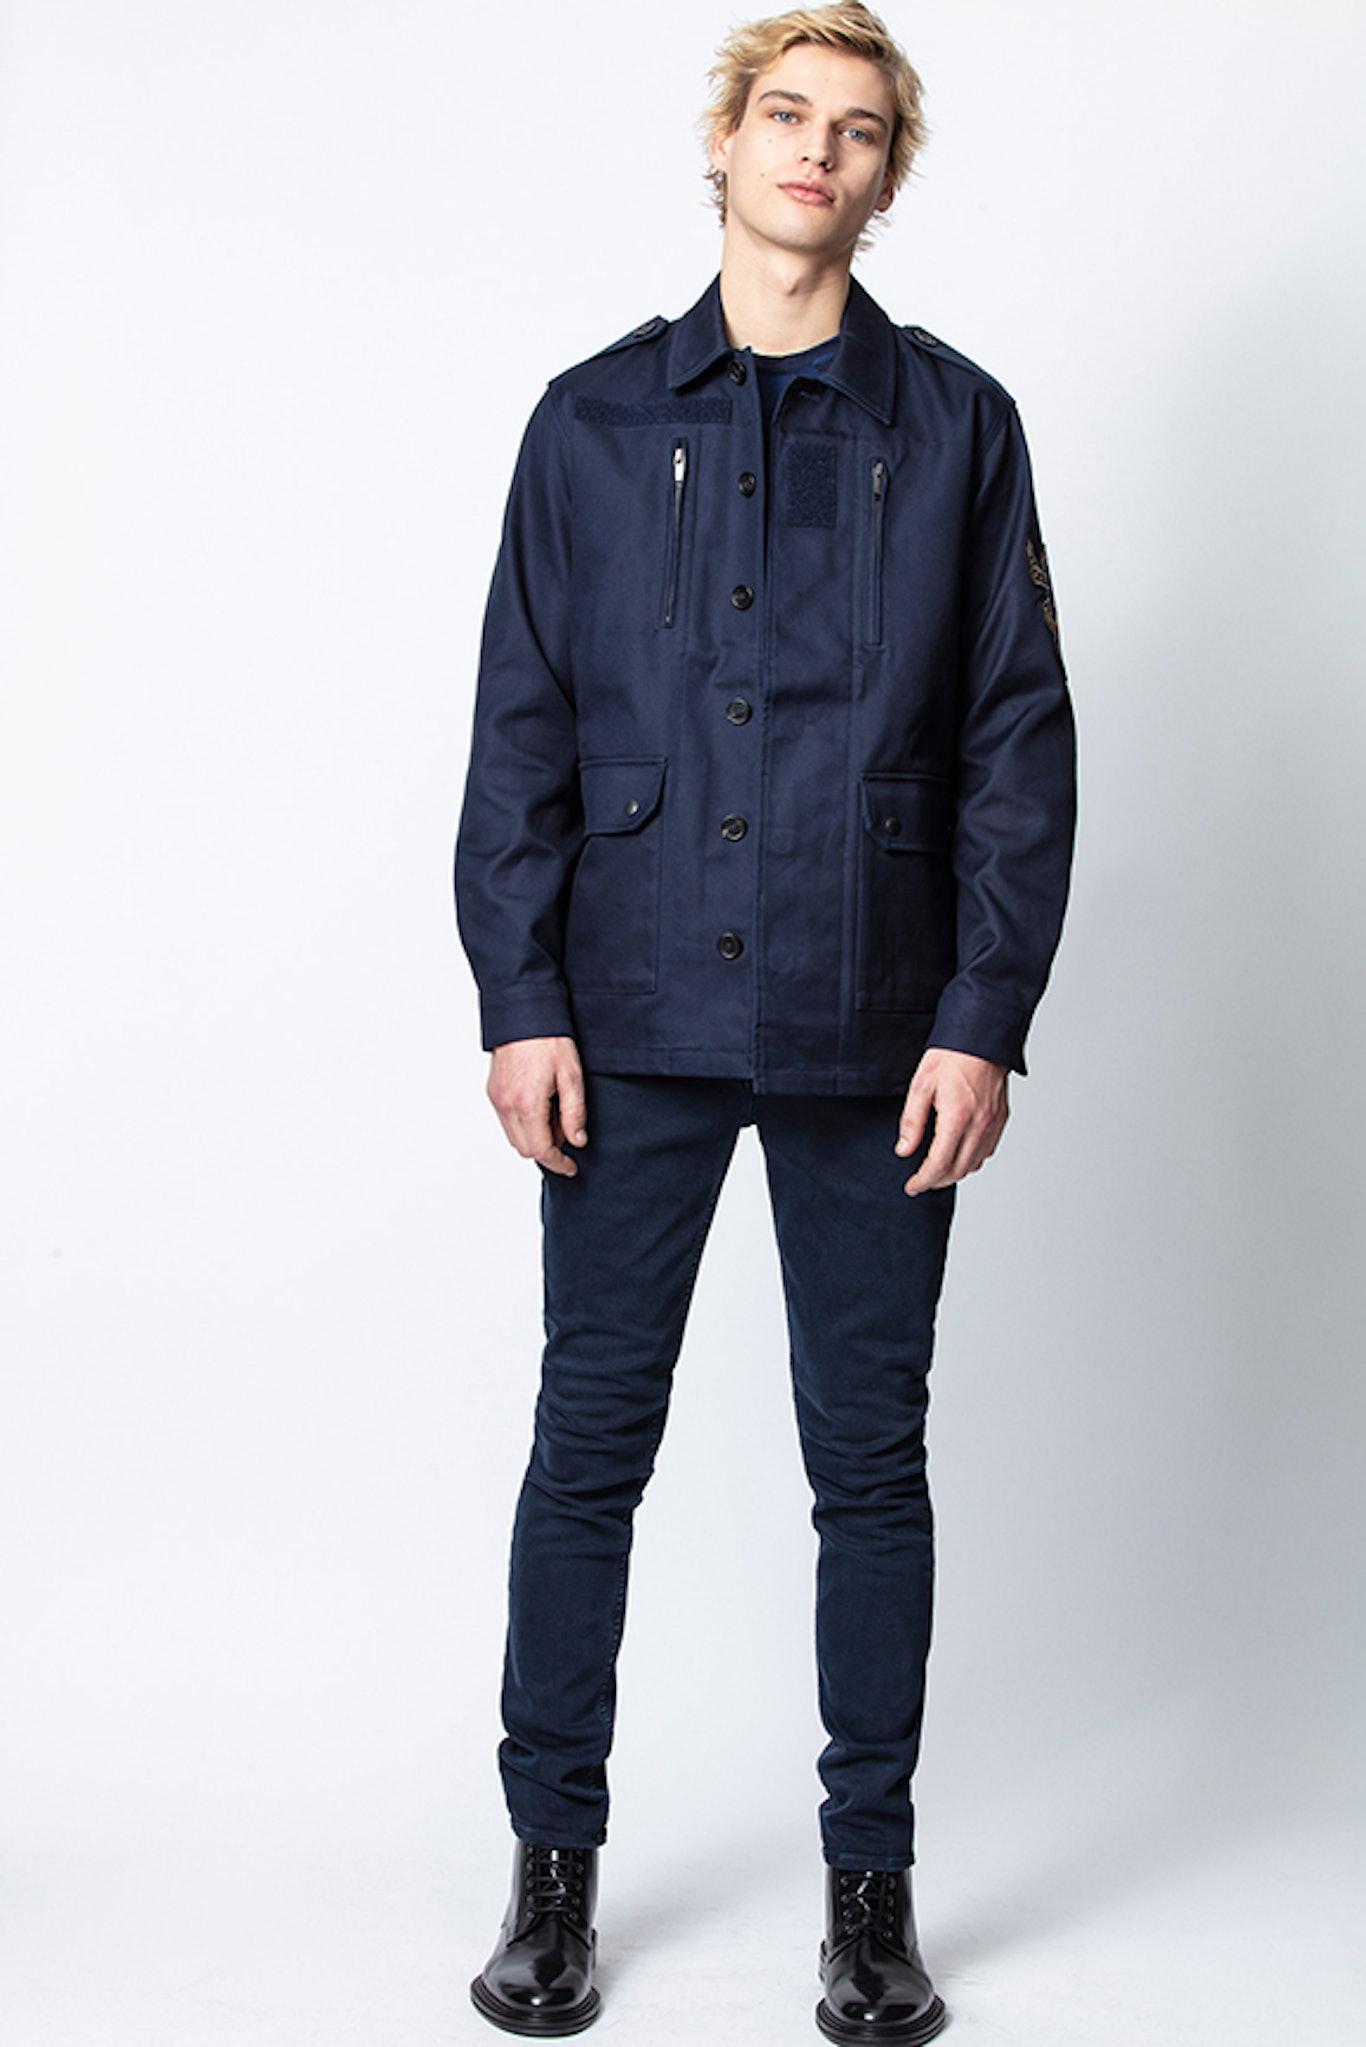 Kido Jacket